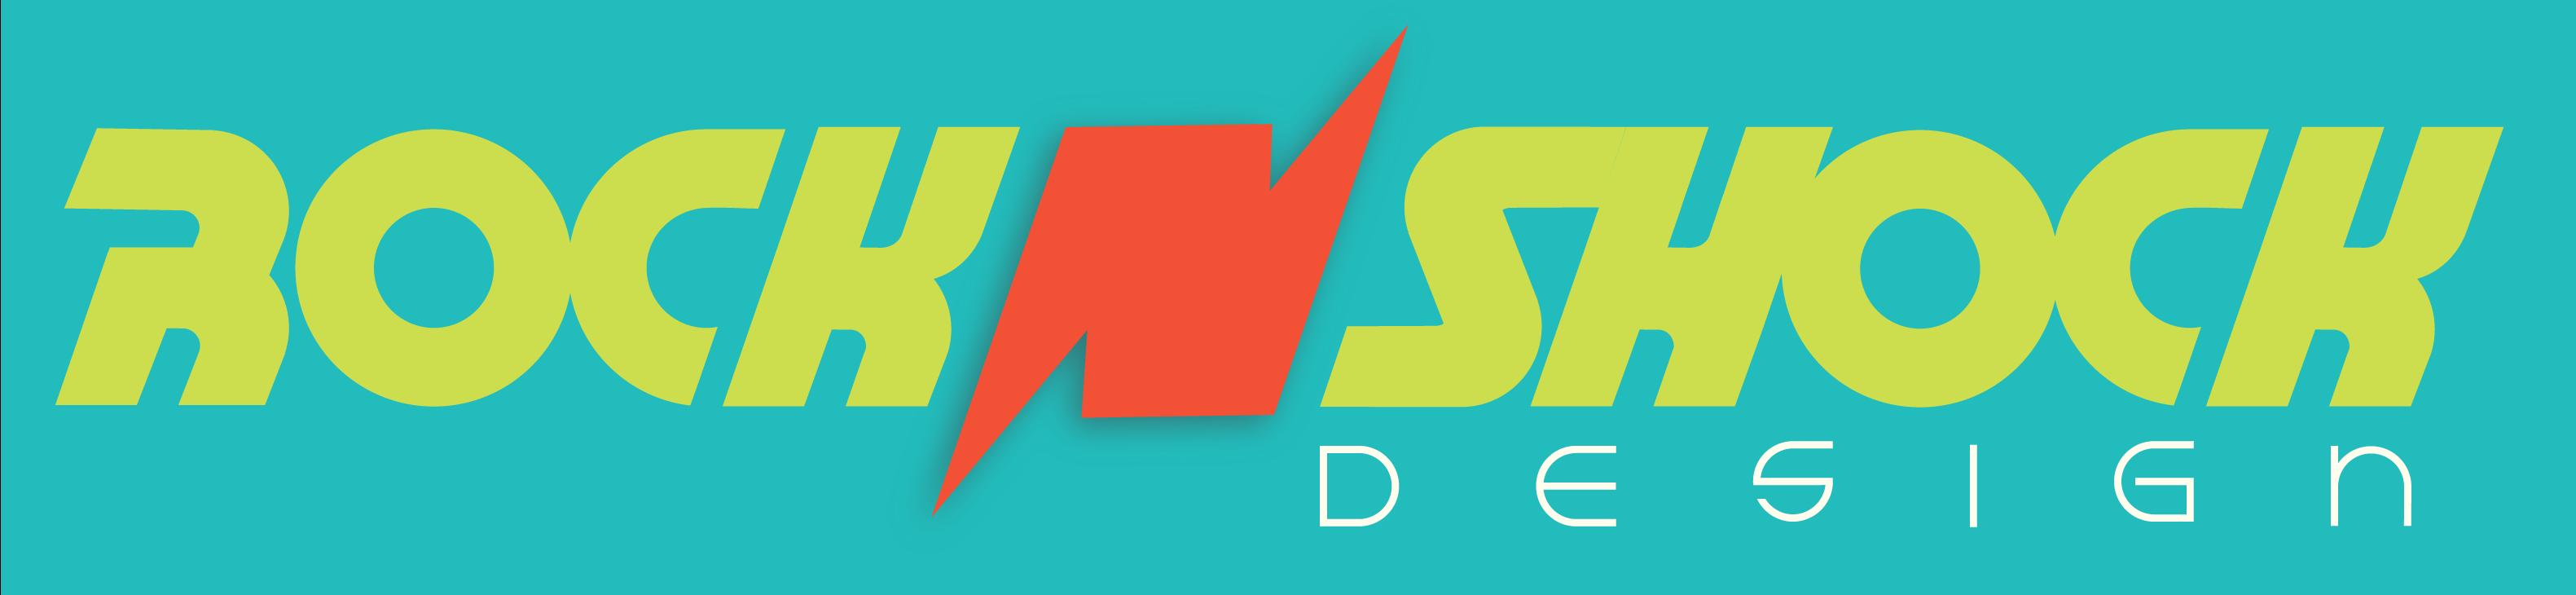 moto automobili grafica personalizzata